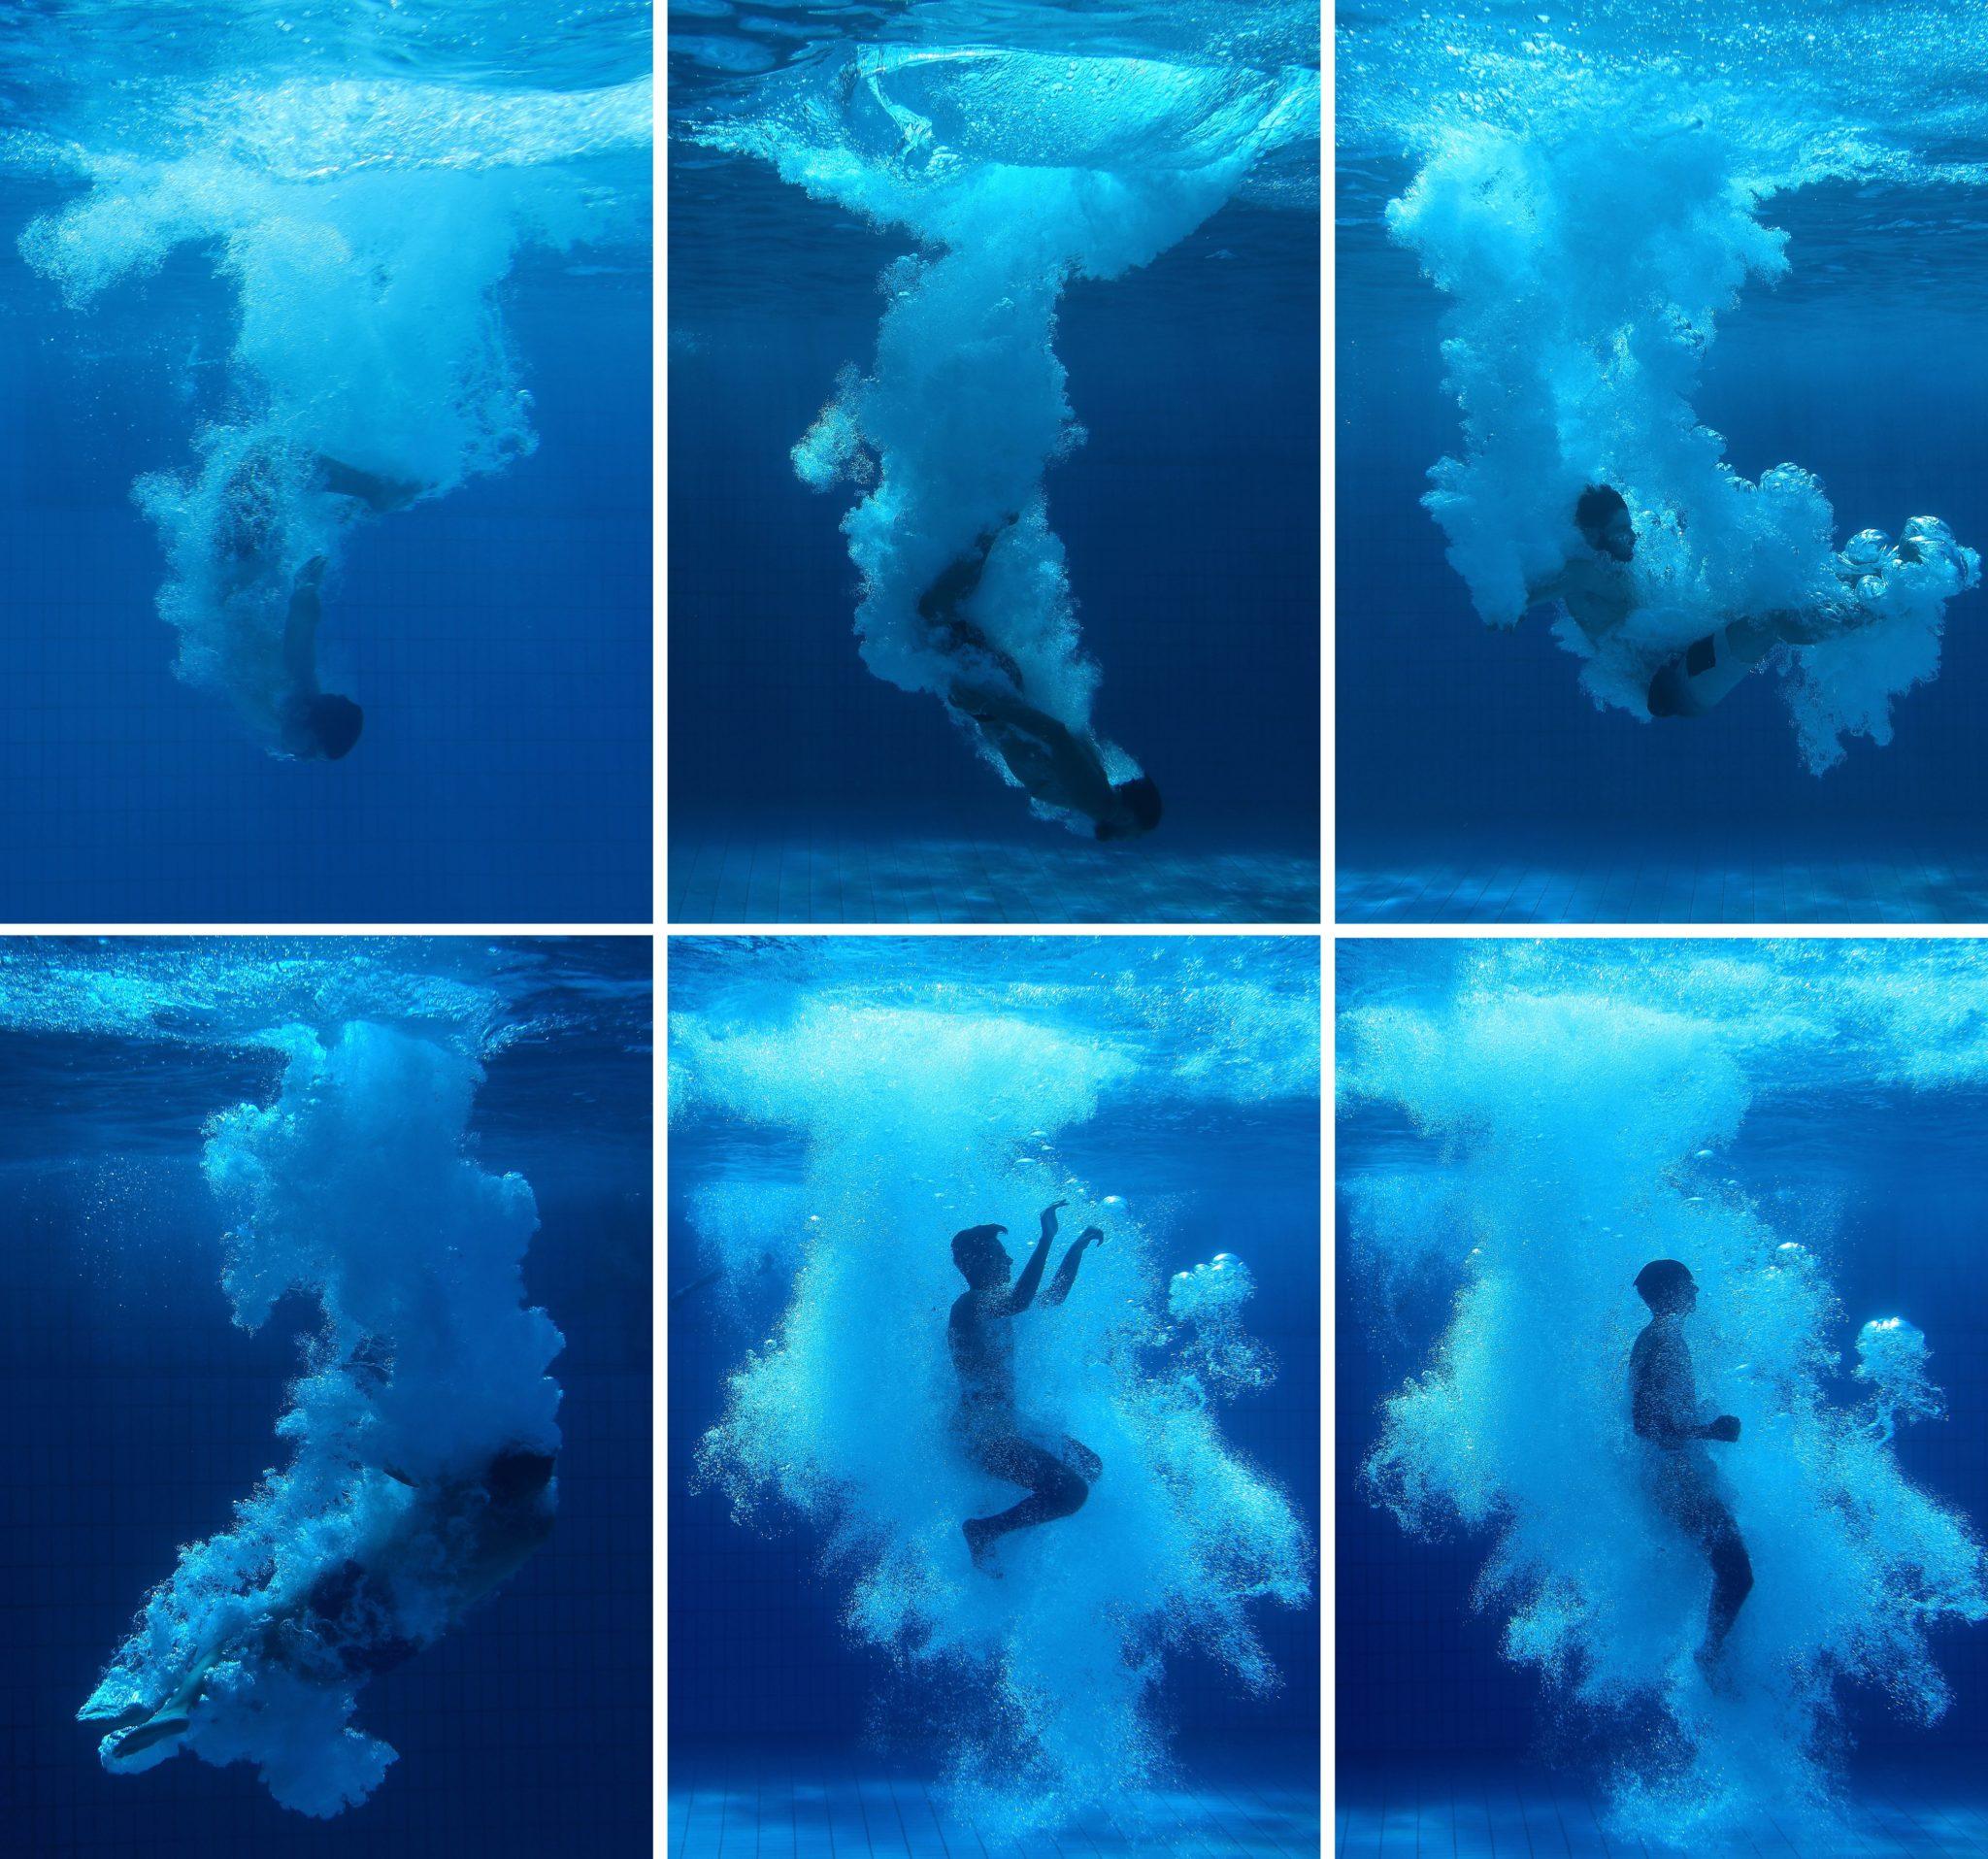 Niemcy: obraz - kompozycja przedstawia osoby pod wodą podczas różnych faz ich nurkowania na odkrytym basenie